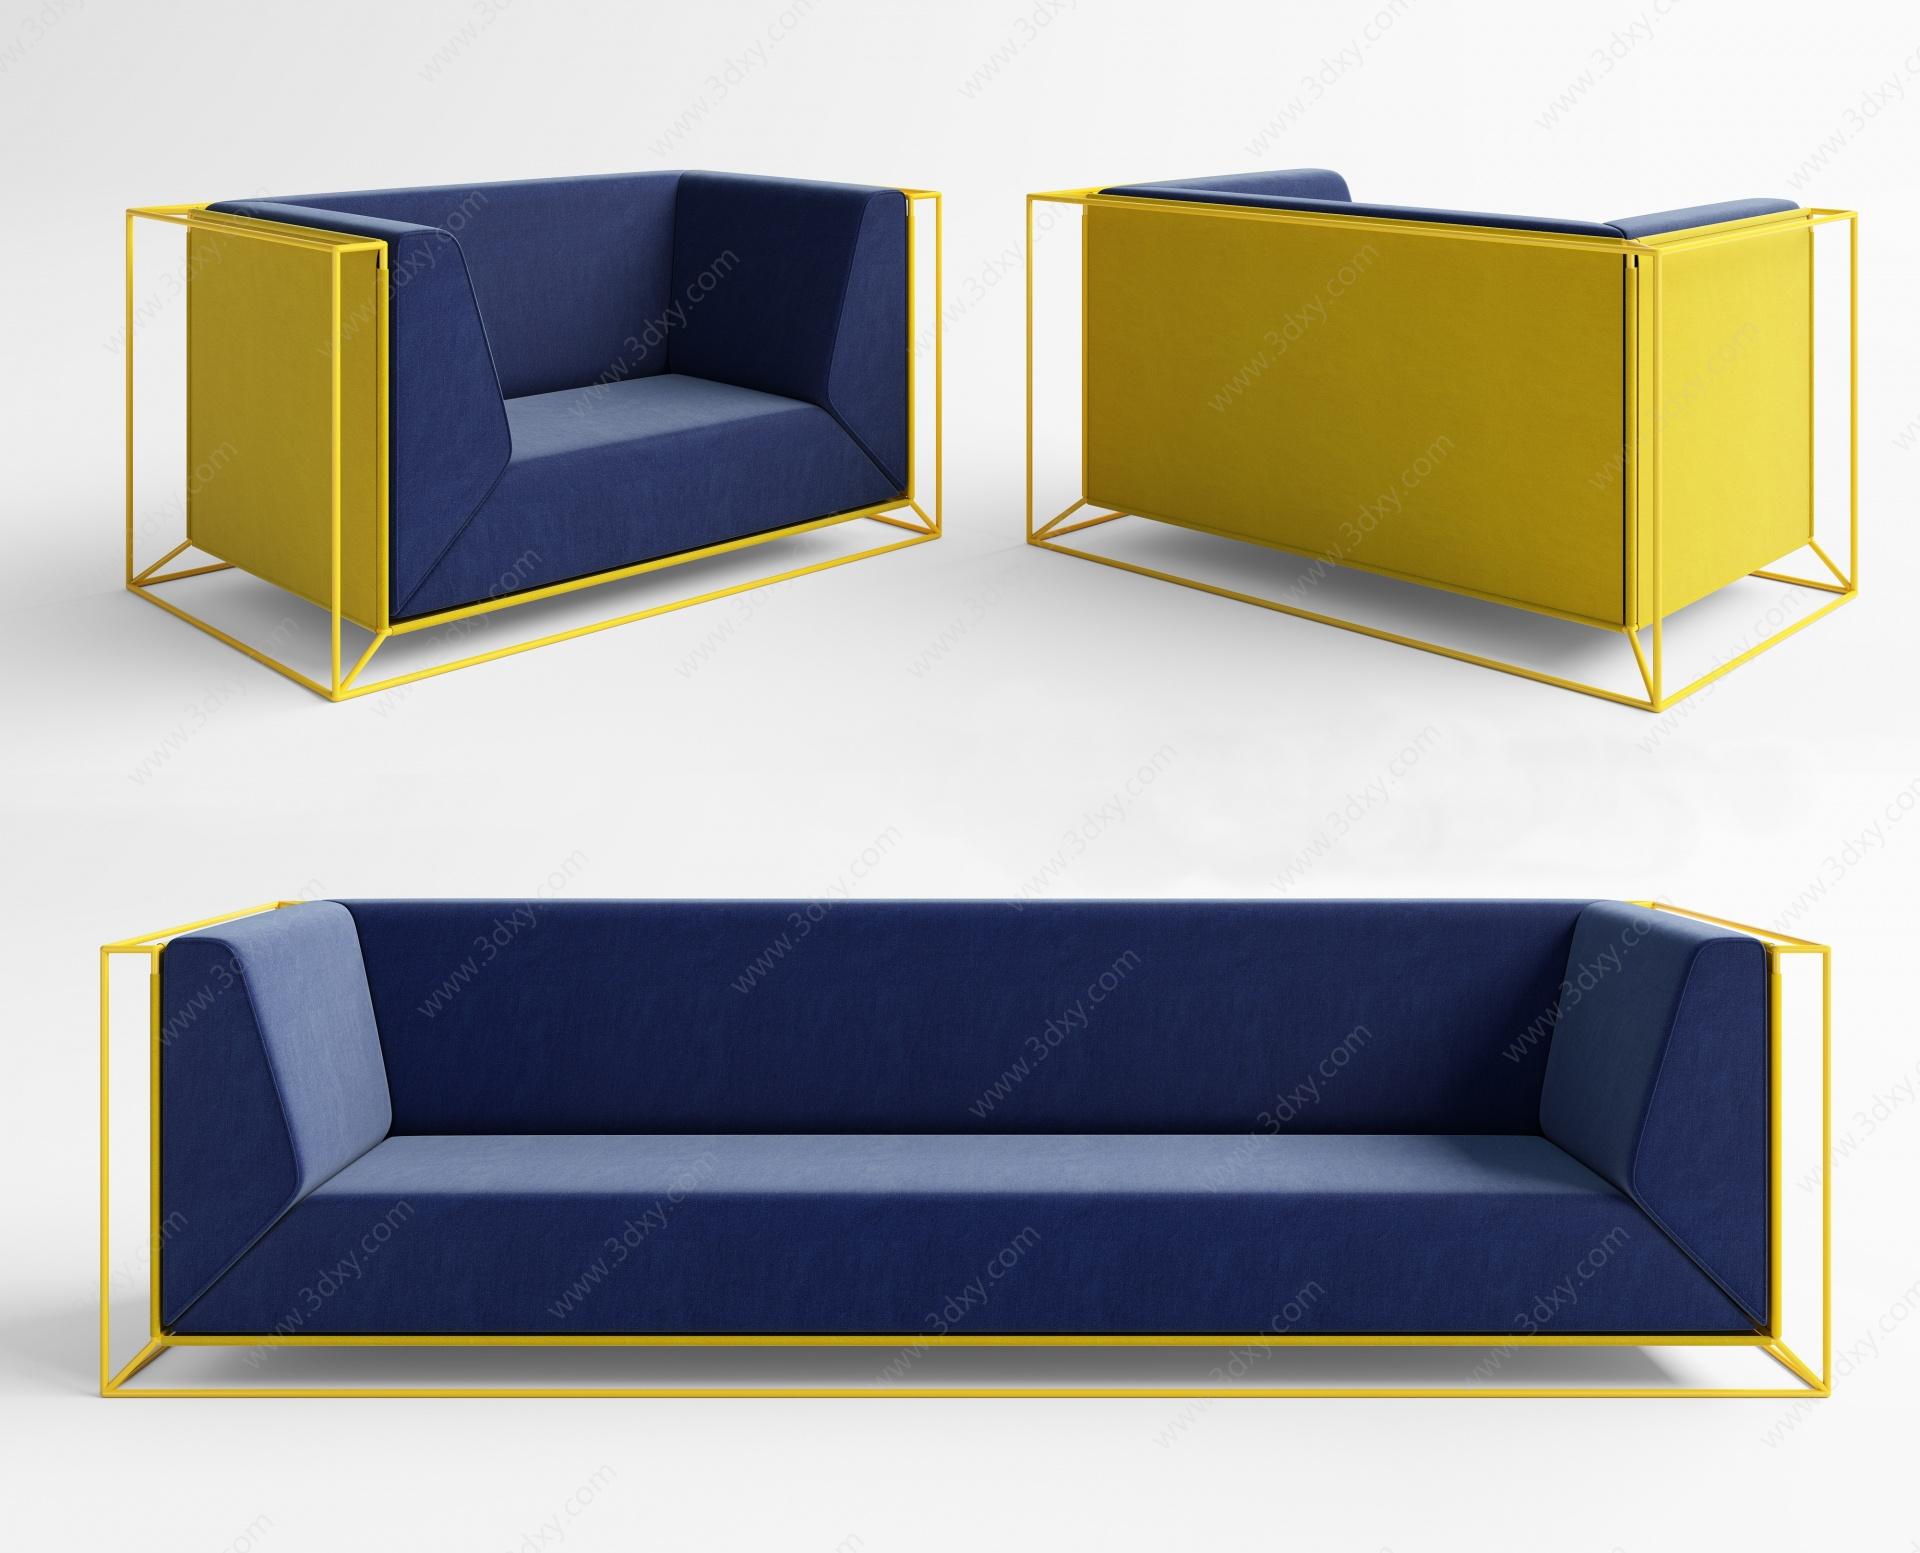 現代現代沙發3D模型